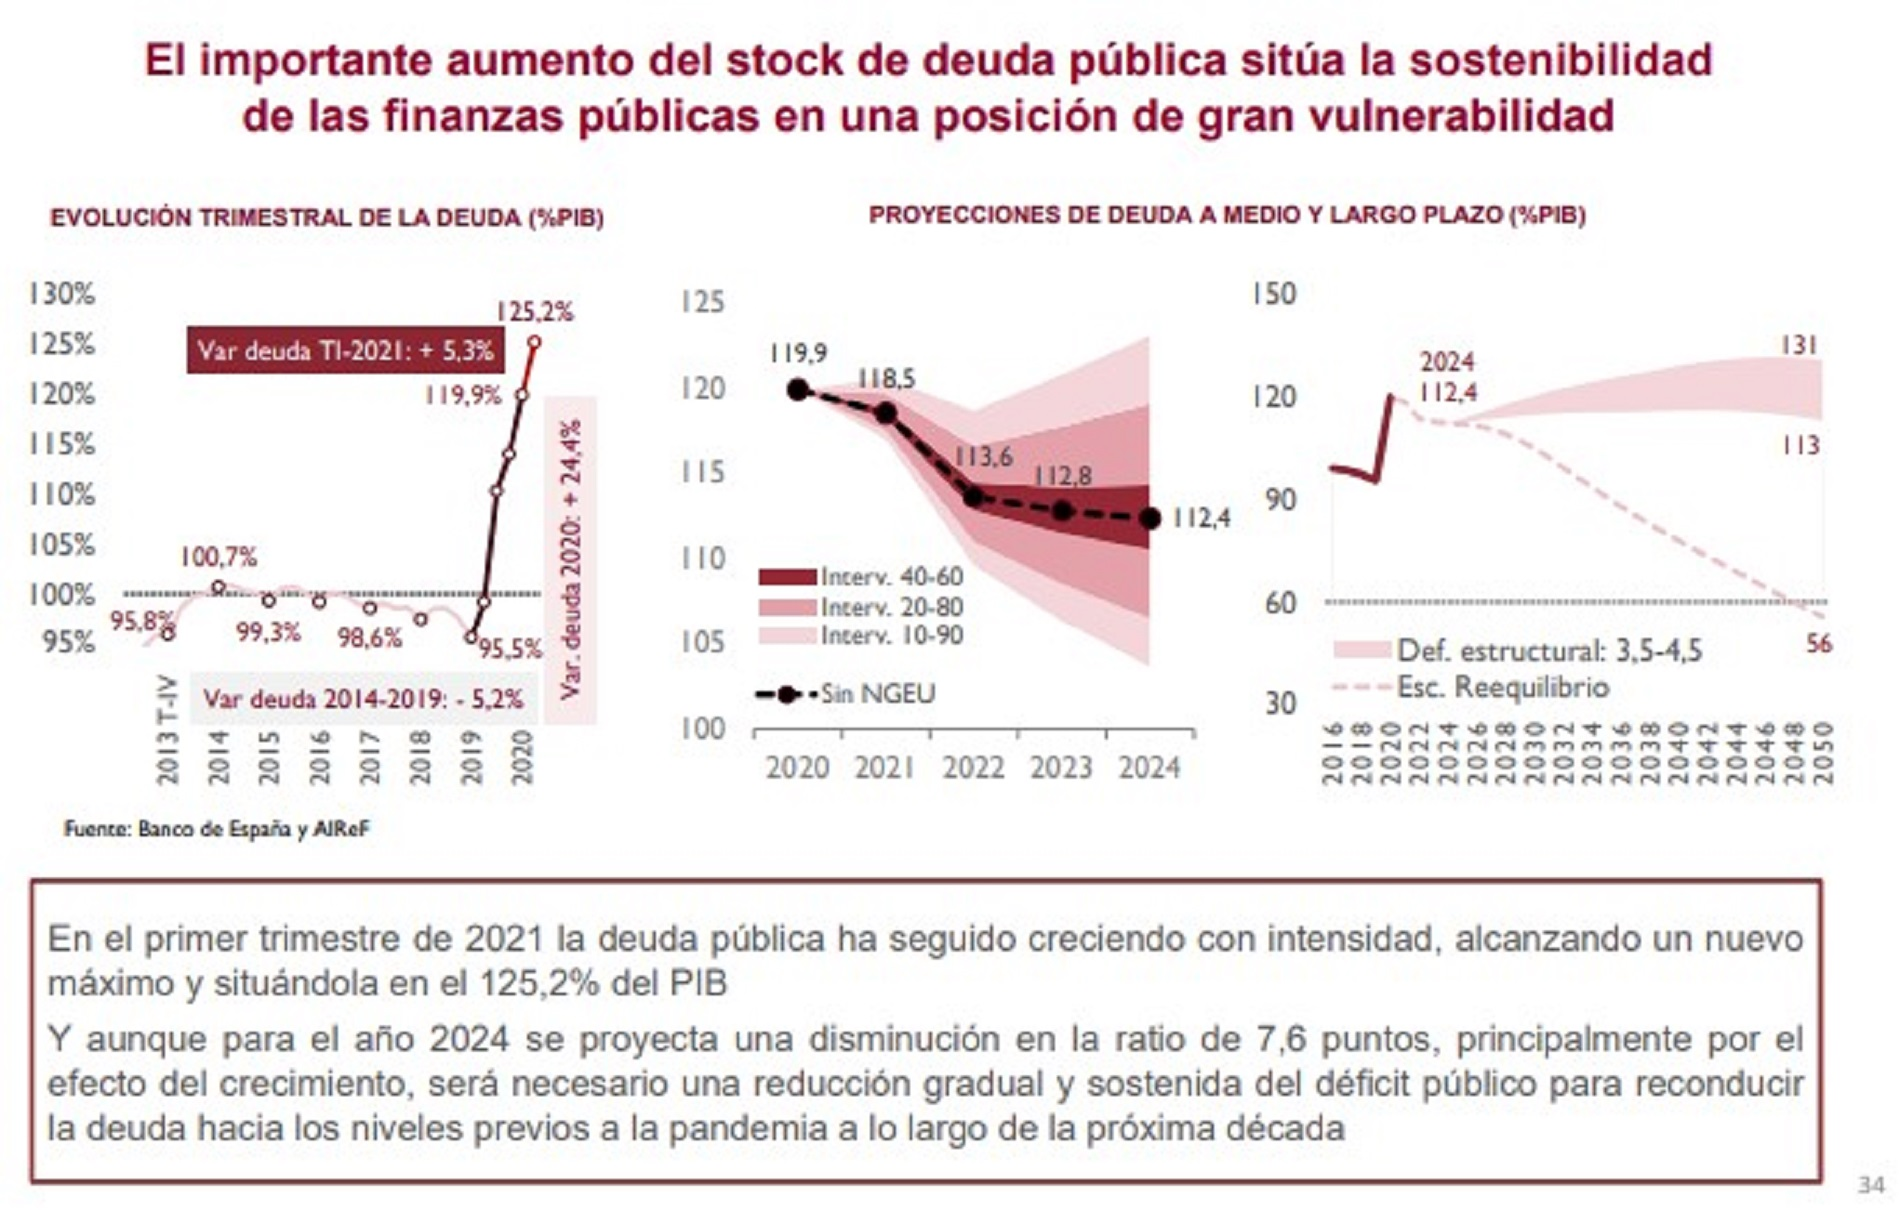 finanzas-publicas.jpg